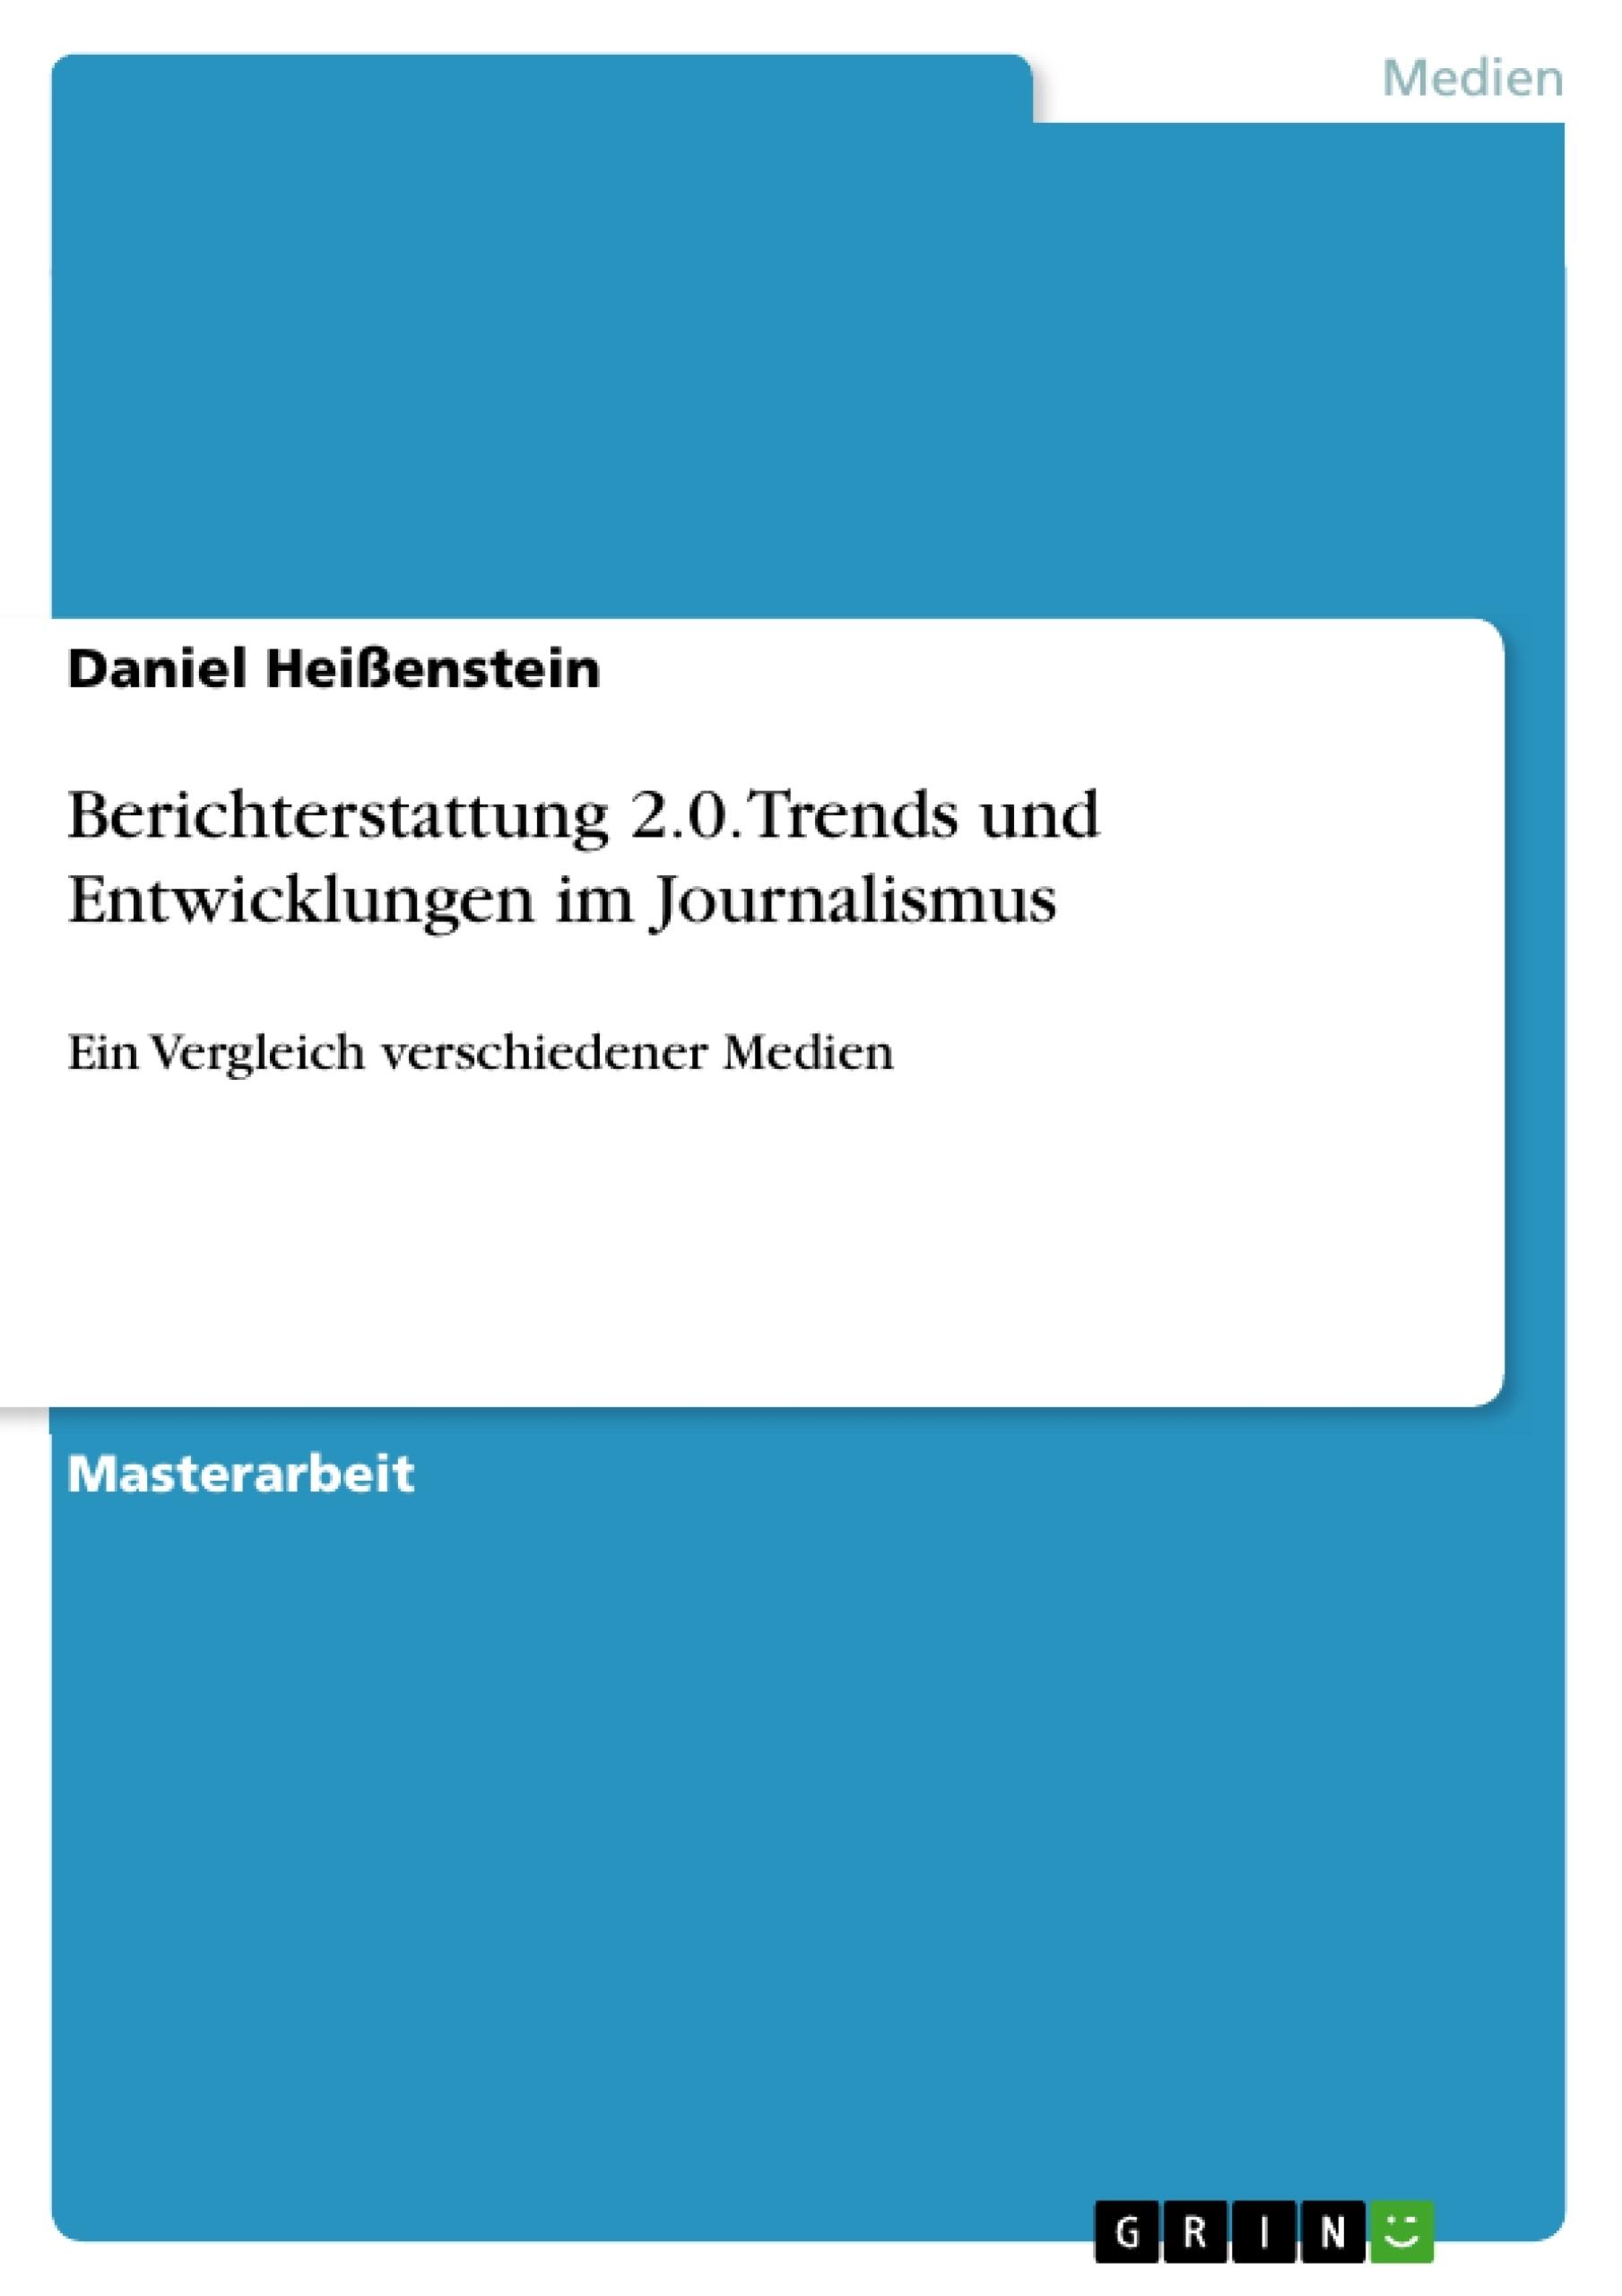 Titel: Berichterstattung 2.0. Trends und Entwicklungen im Journalismus